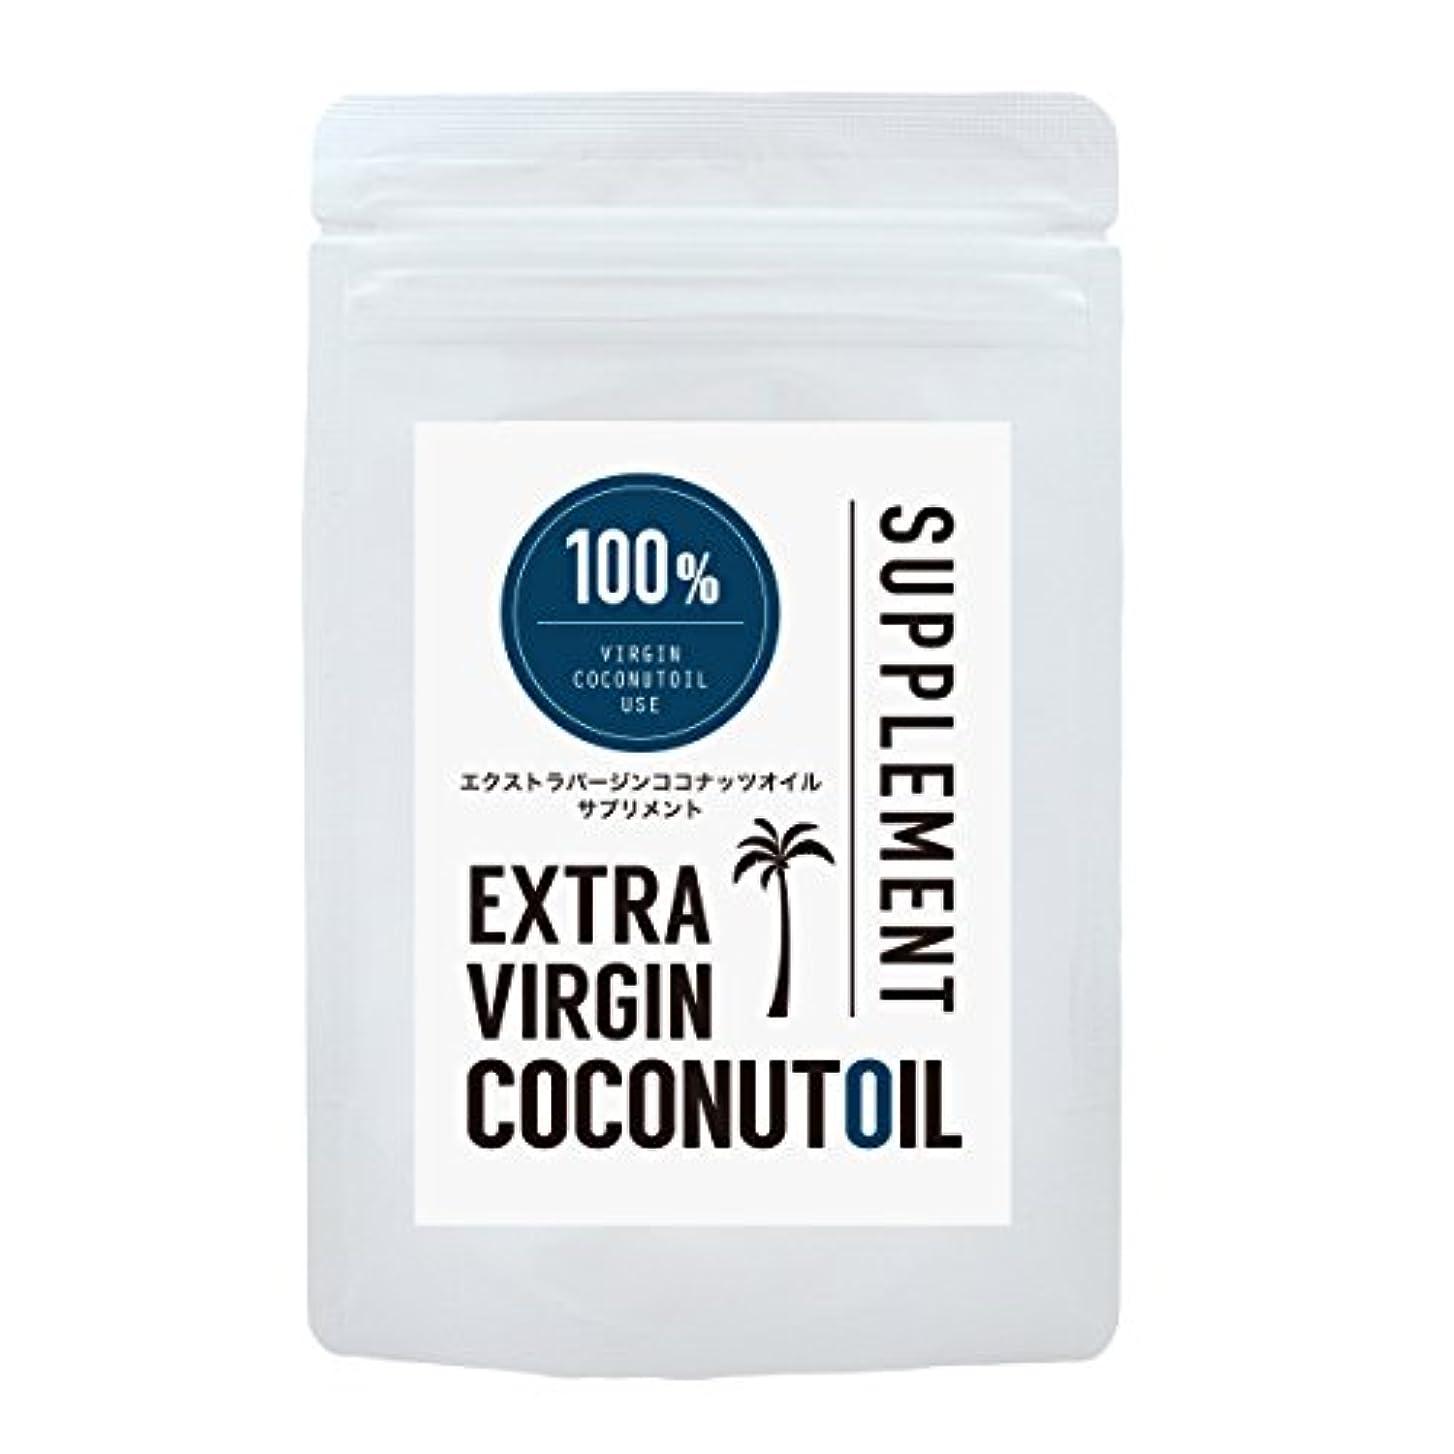 芝生裏切りぴったりエクストラヴァージン ココナッツオイル サプリメント 90粒入り 無臭 カプセルタイプ